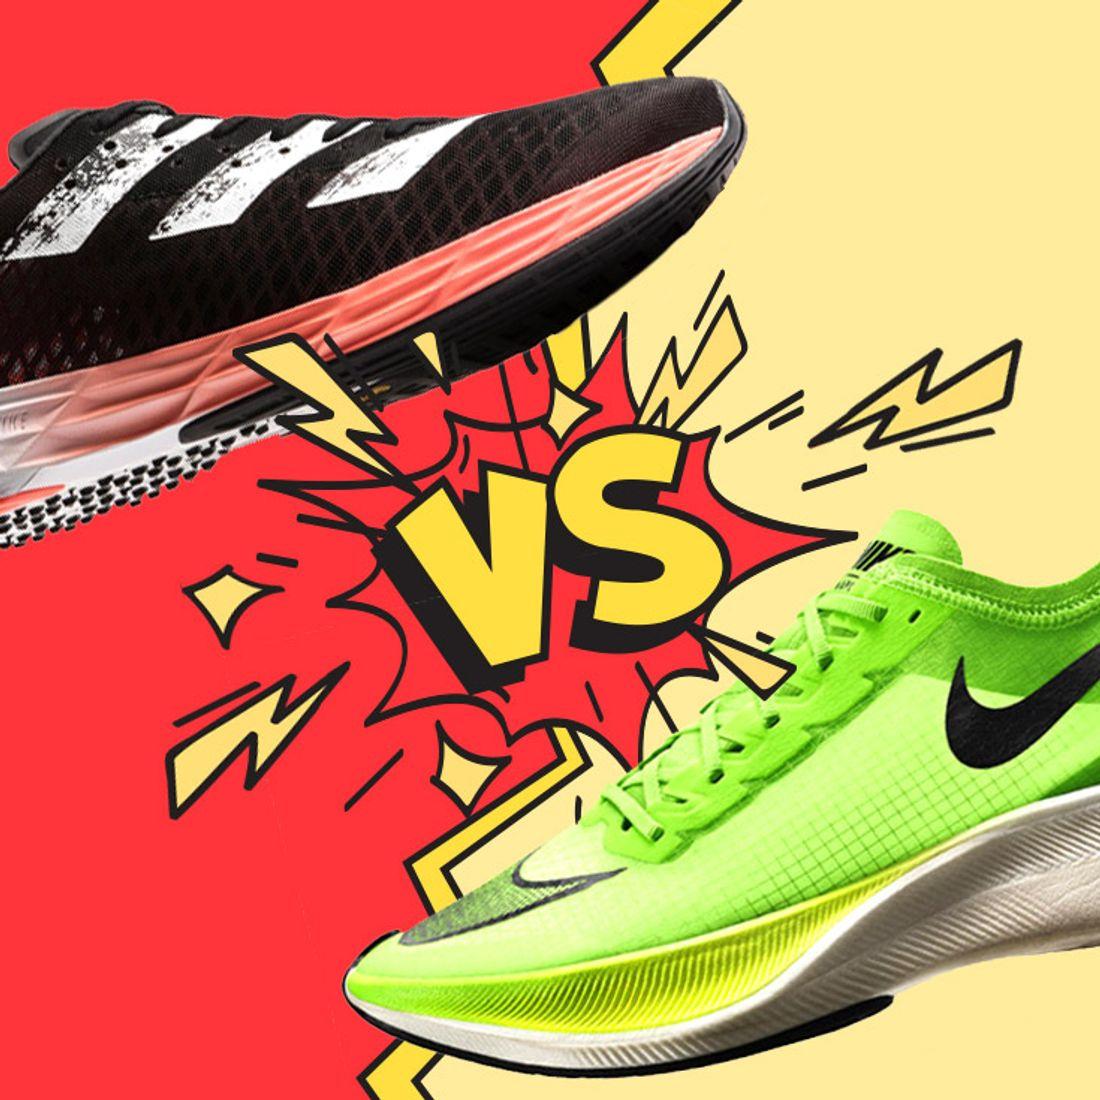 Sneaker Showdown Adidas Adizero Pro Or Nike Zoomx Vaporfly Next Sneaker Freaker